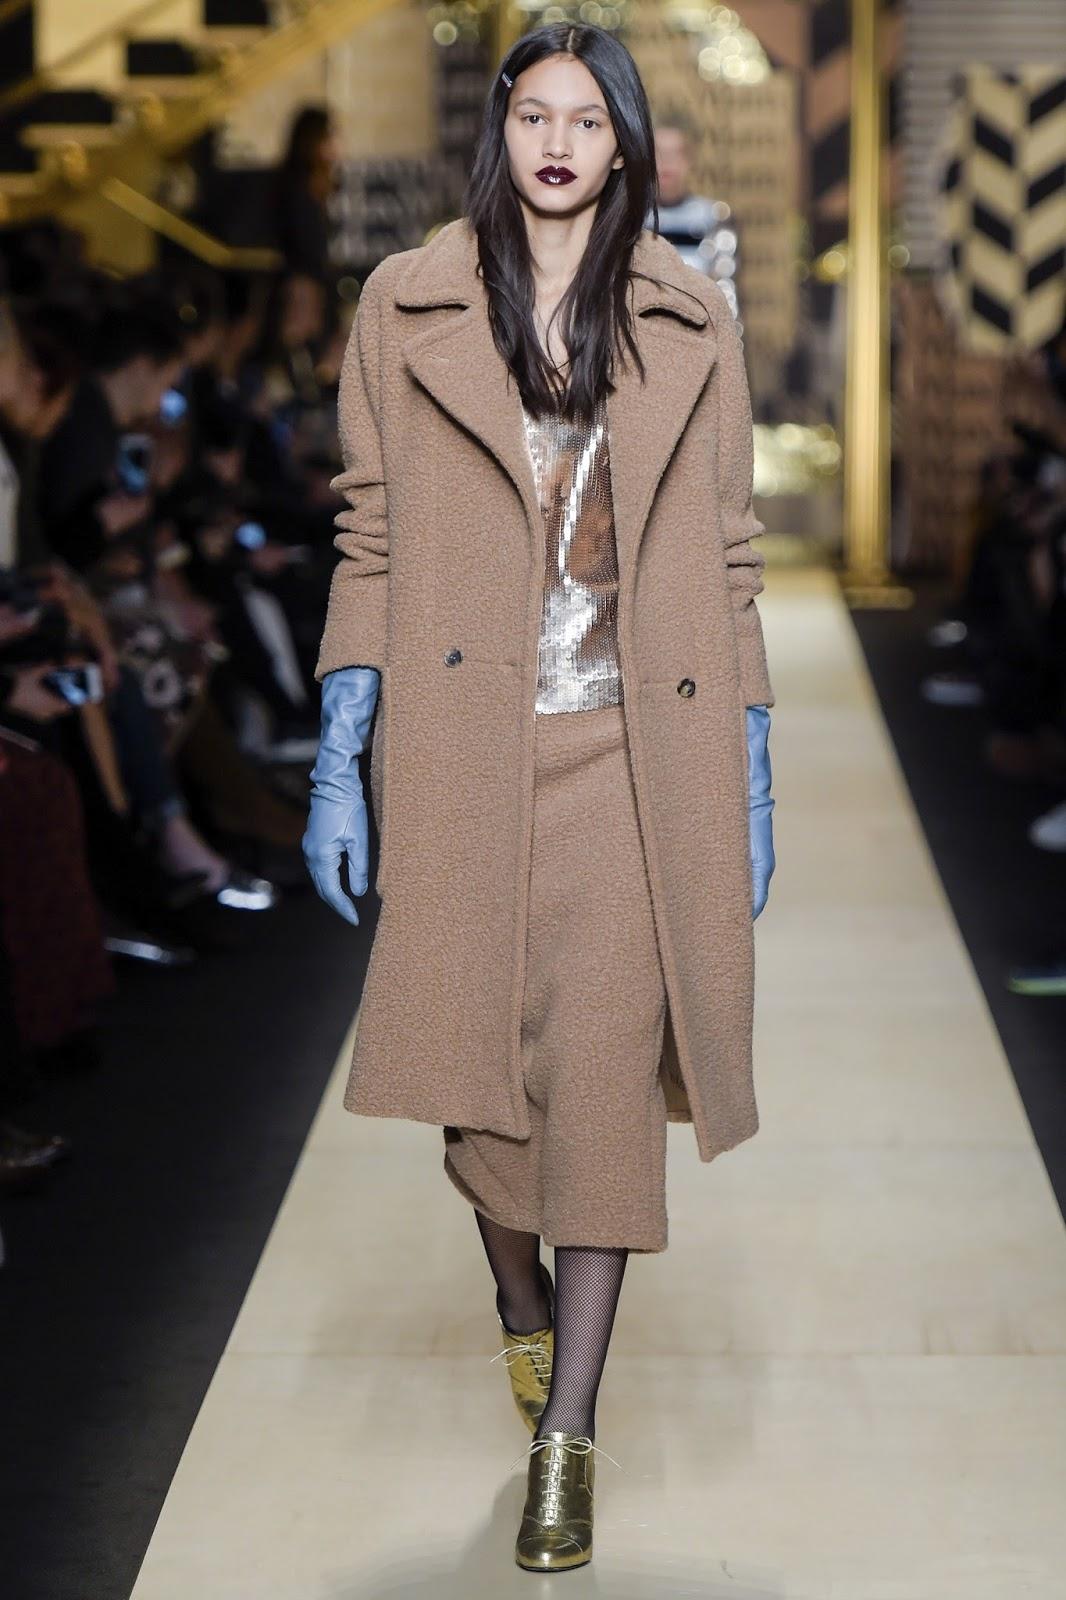 Cappotto color cammello  da Max Mara a Zara e2ecfd7f8c4f